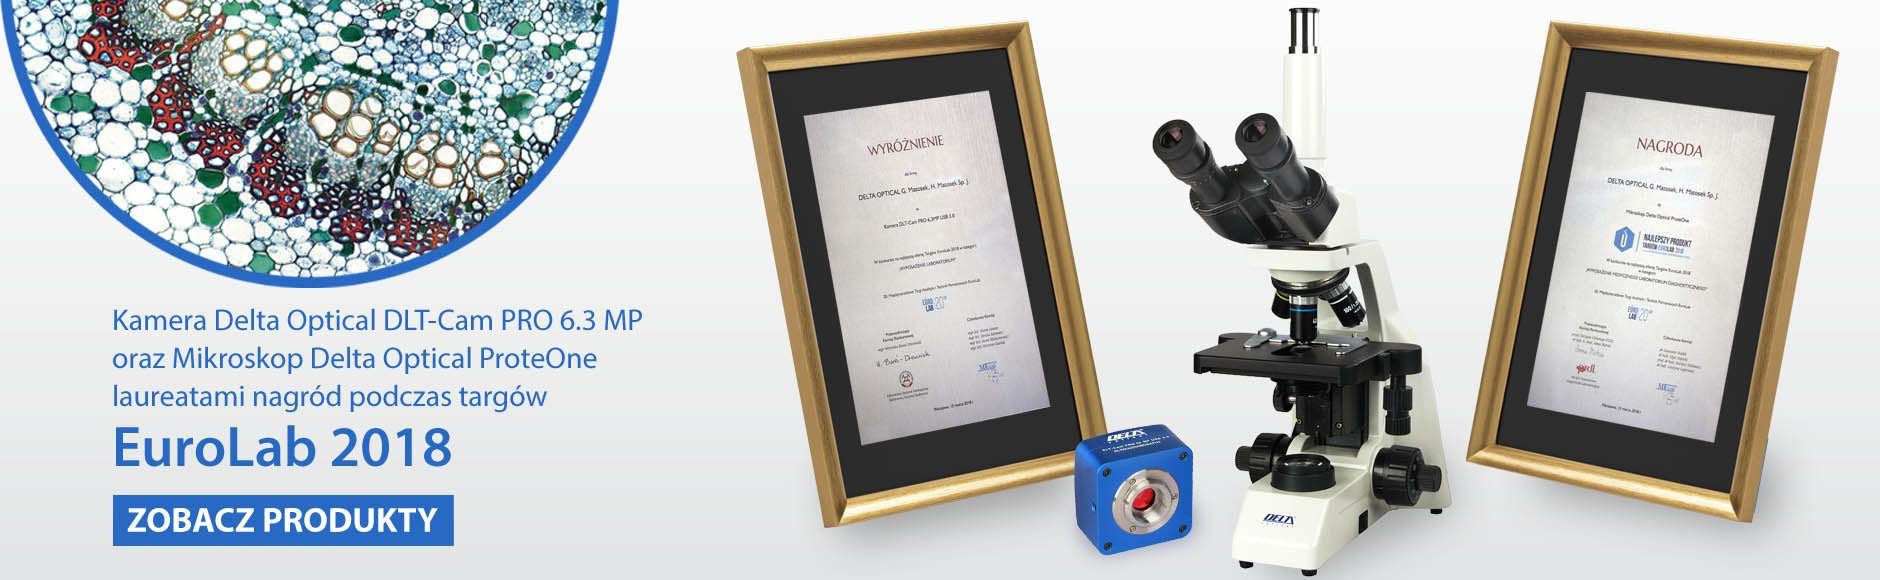 Nagrody EuroLab 2018